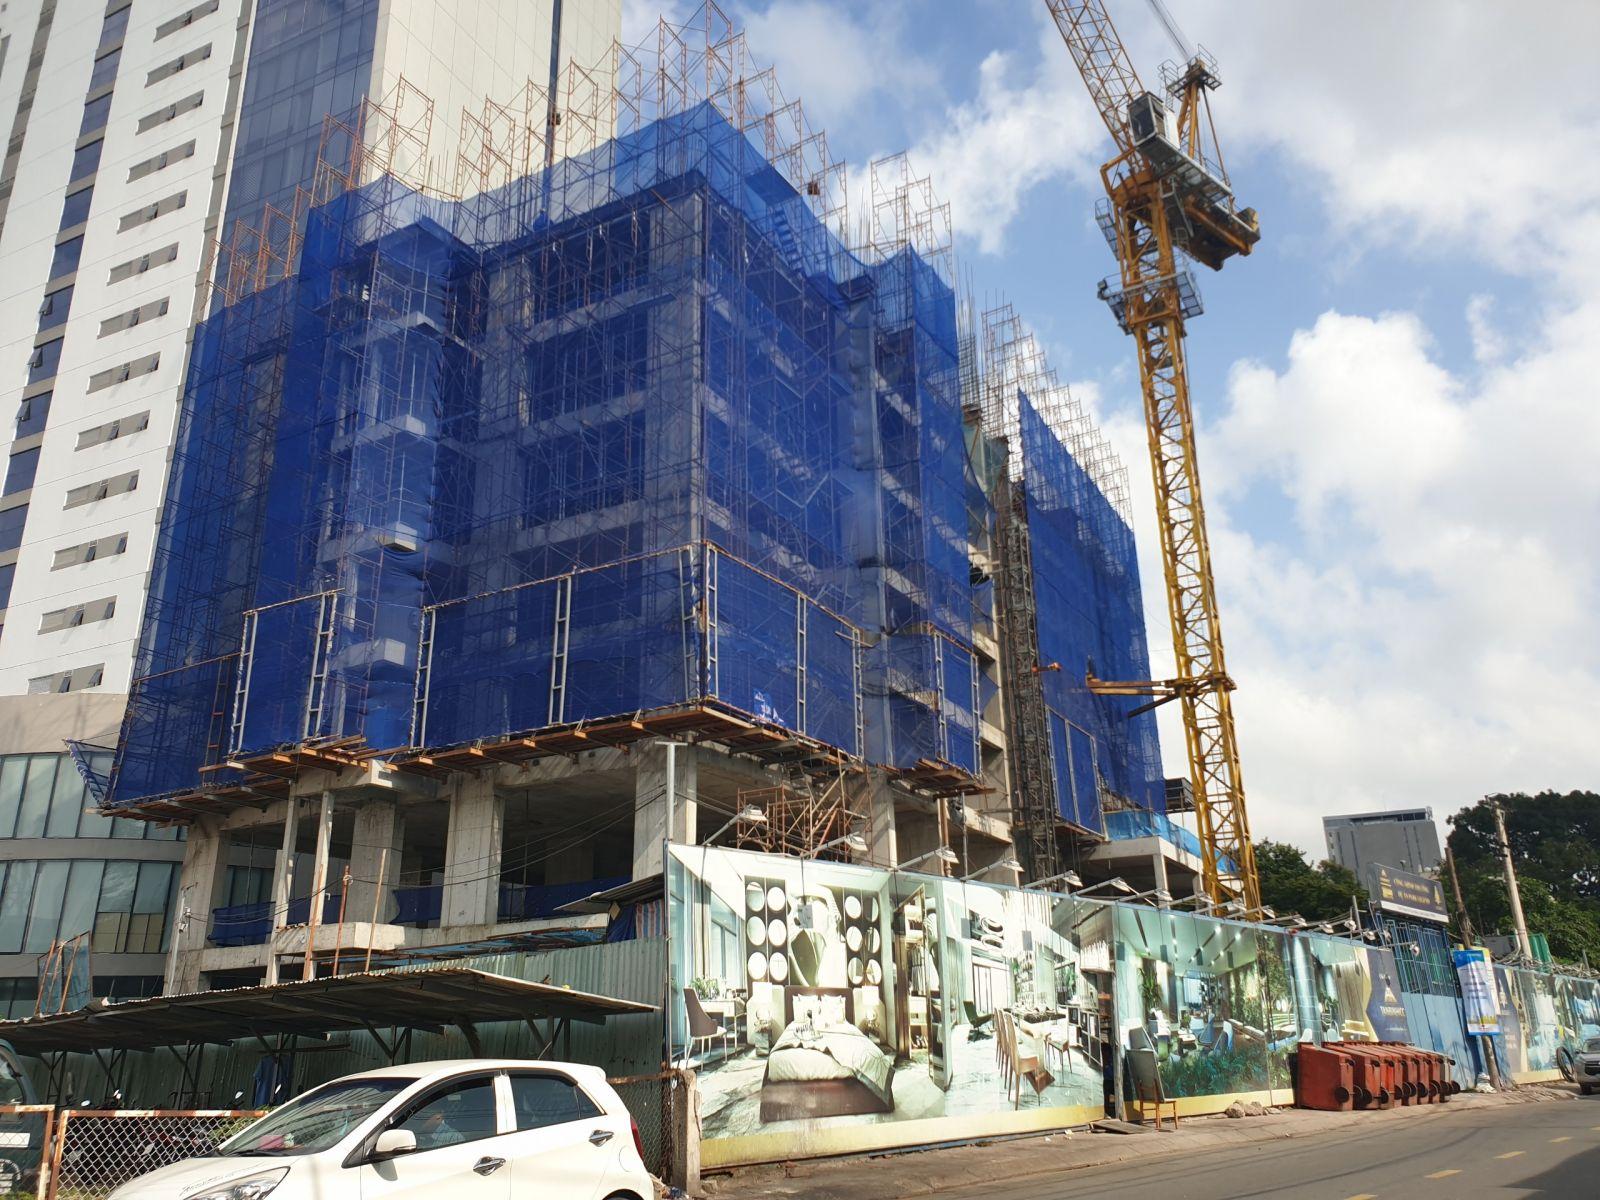 tiến độ xây dựng căn hộ park legend hoàng văn thụ